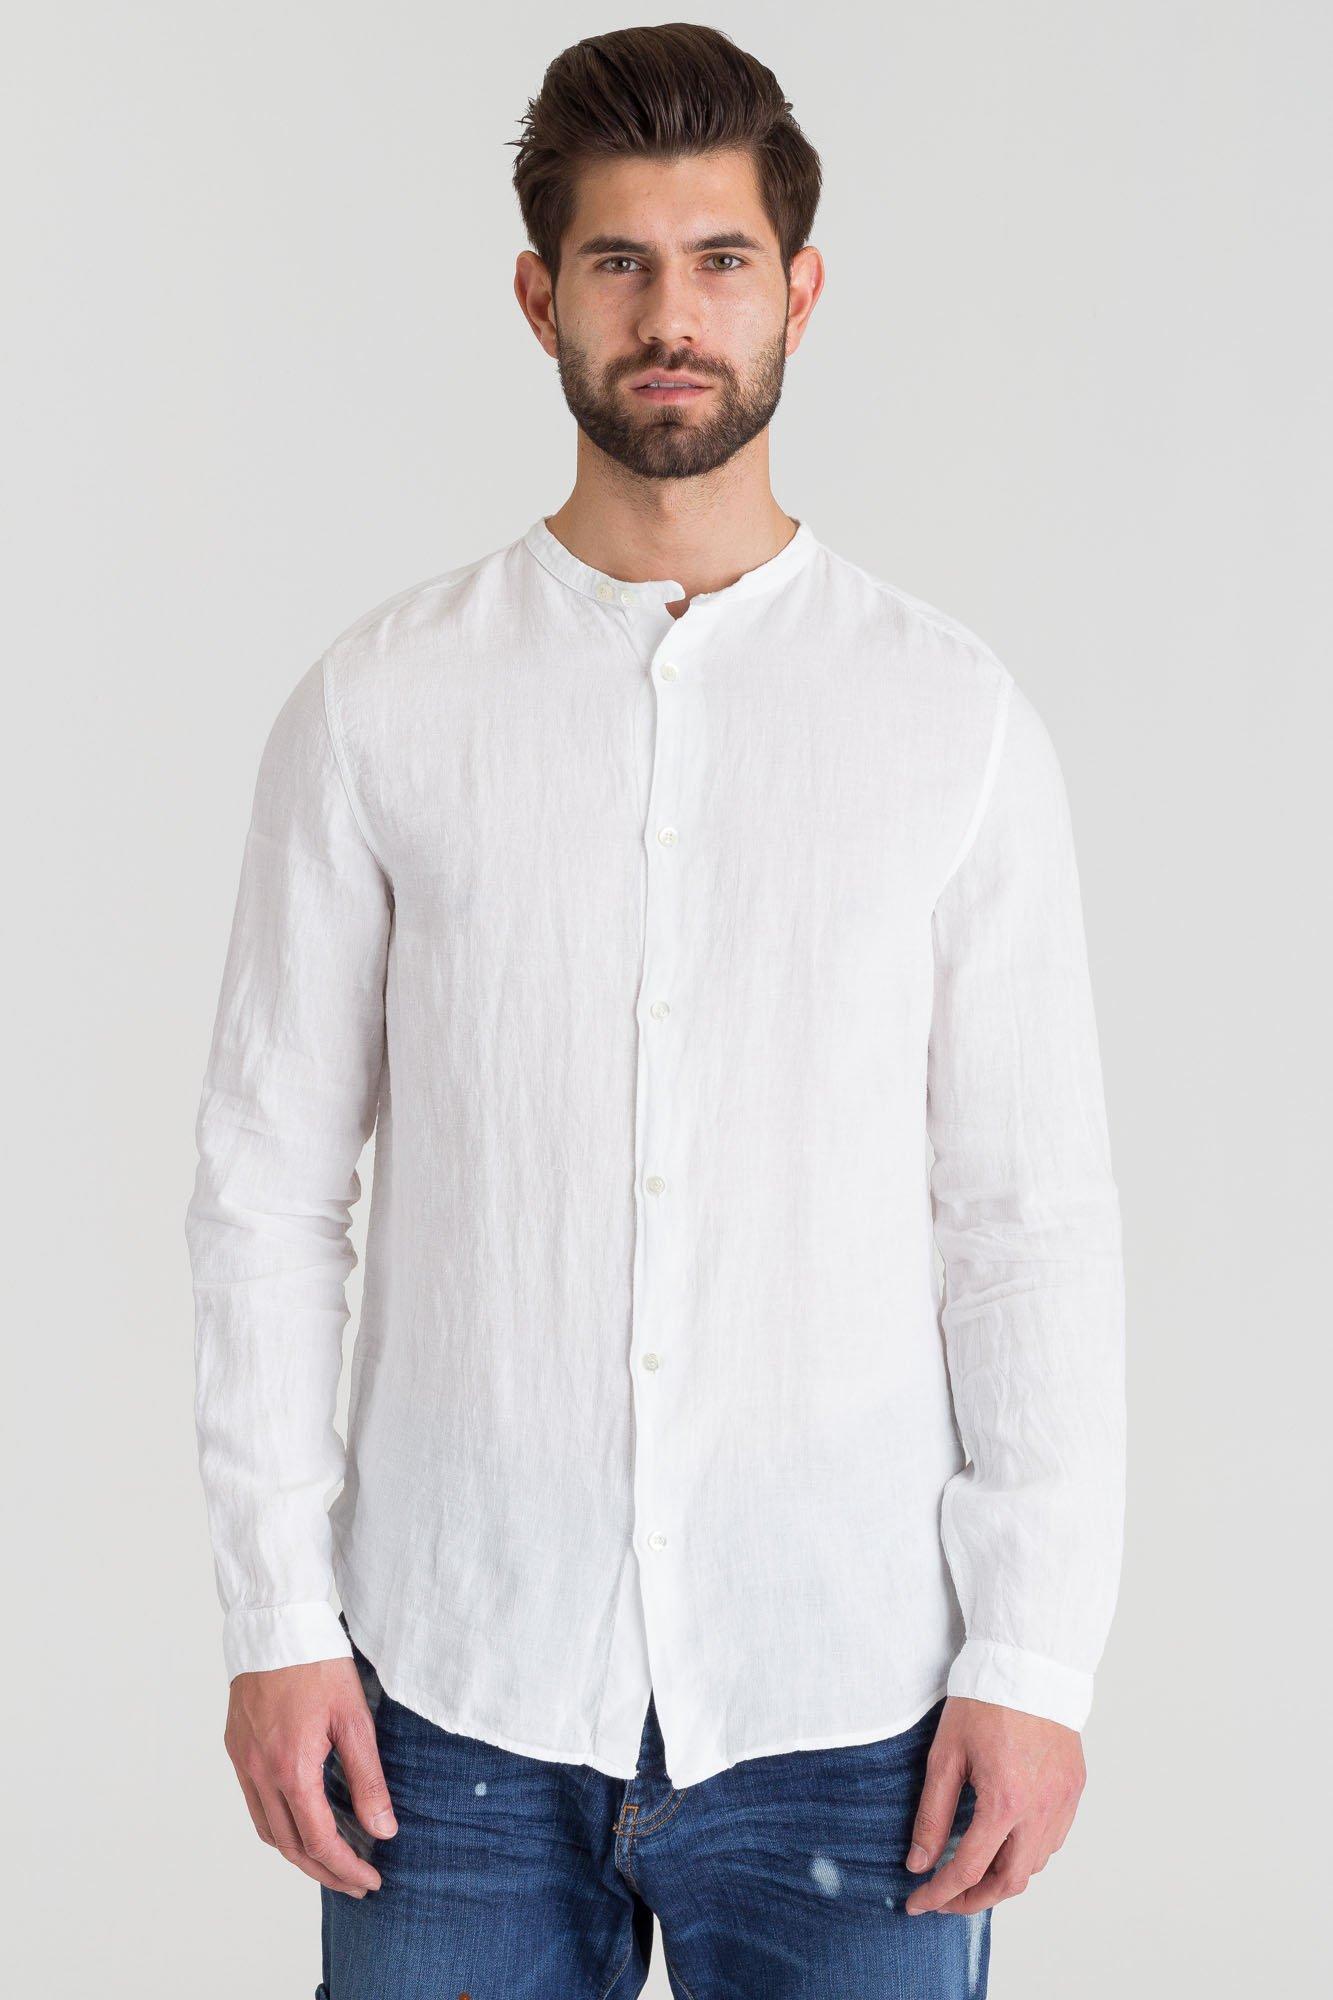 81cc8efd43 ... Biała lniana koszula Emporio Armani ze stójką ...